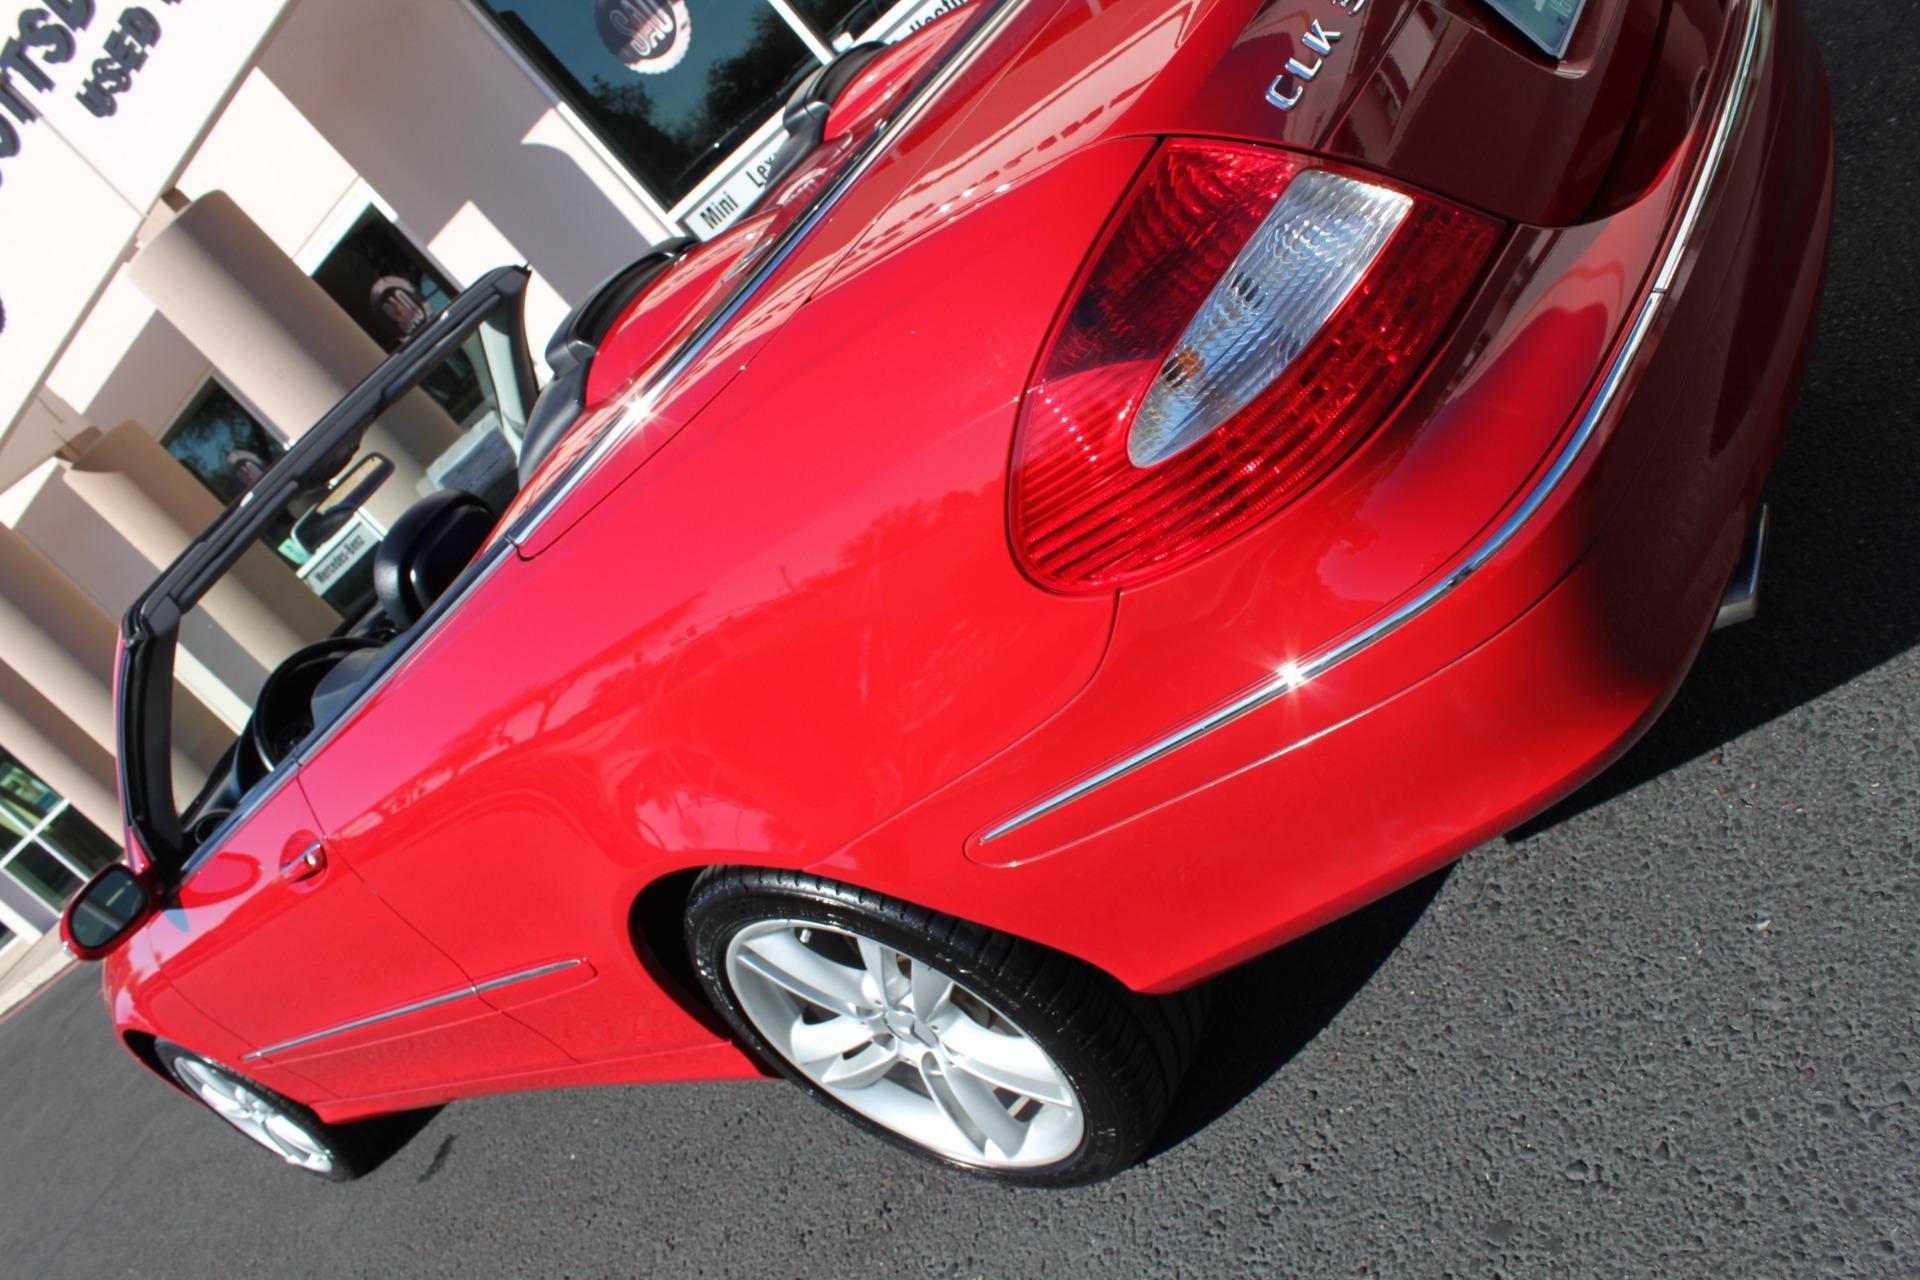 Used-2006-Mercedes-Benz-CLK-Class-CLK350-Cabriolet-35L-4X4